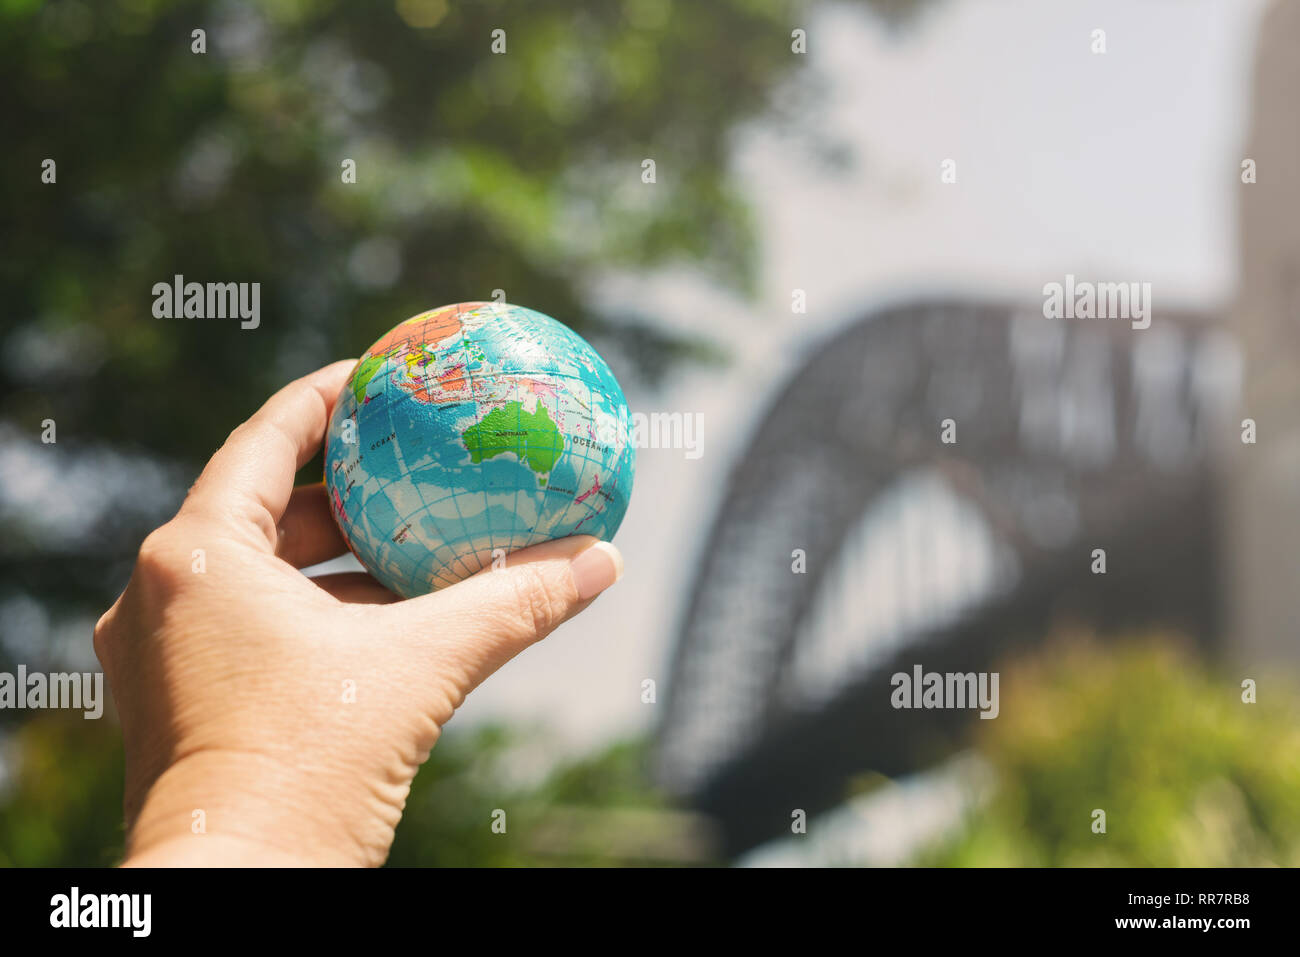 hand holding globe in front of famous Australian landmark Stock Photo